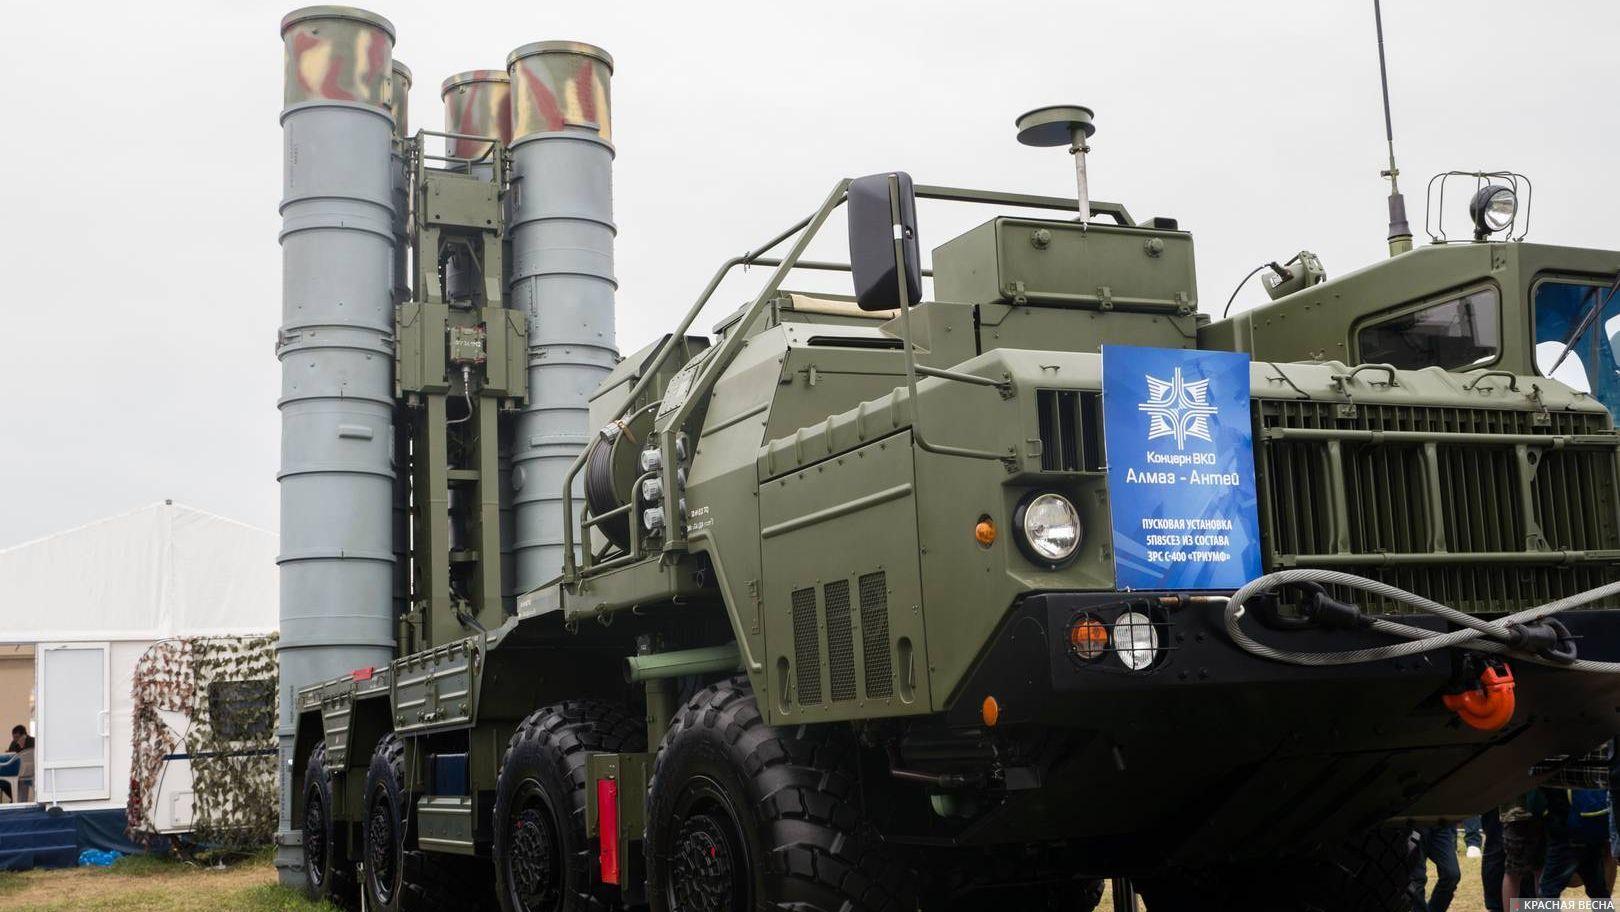 Пусковая установка ЗРС С-400 Триумф. МАКС Раменское